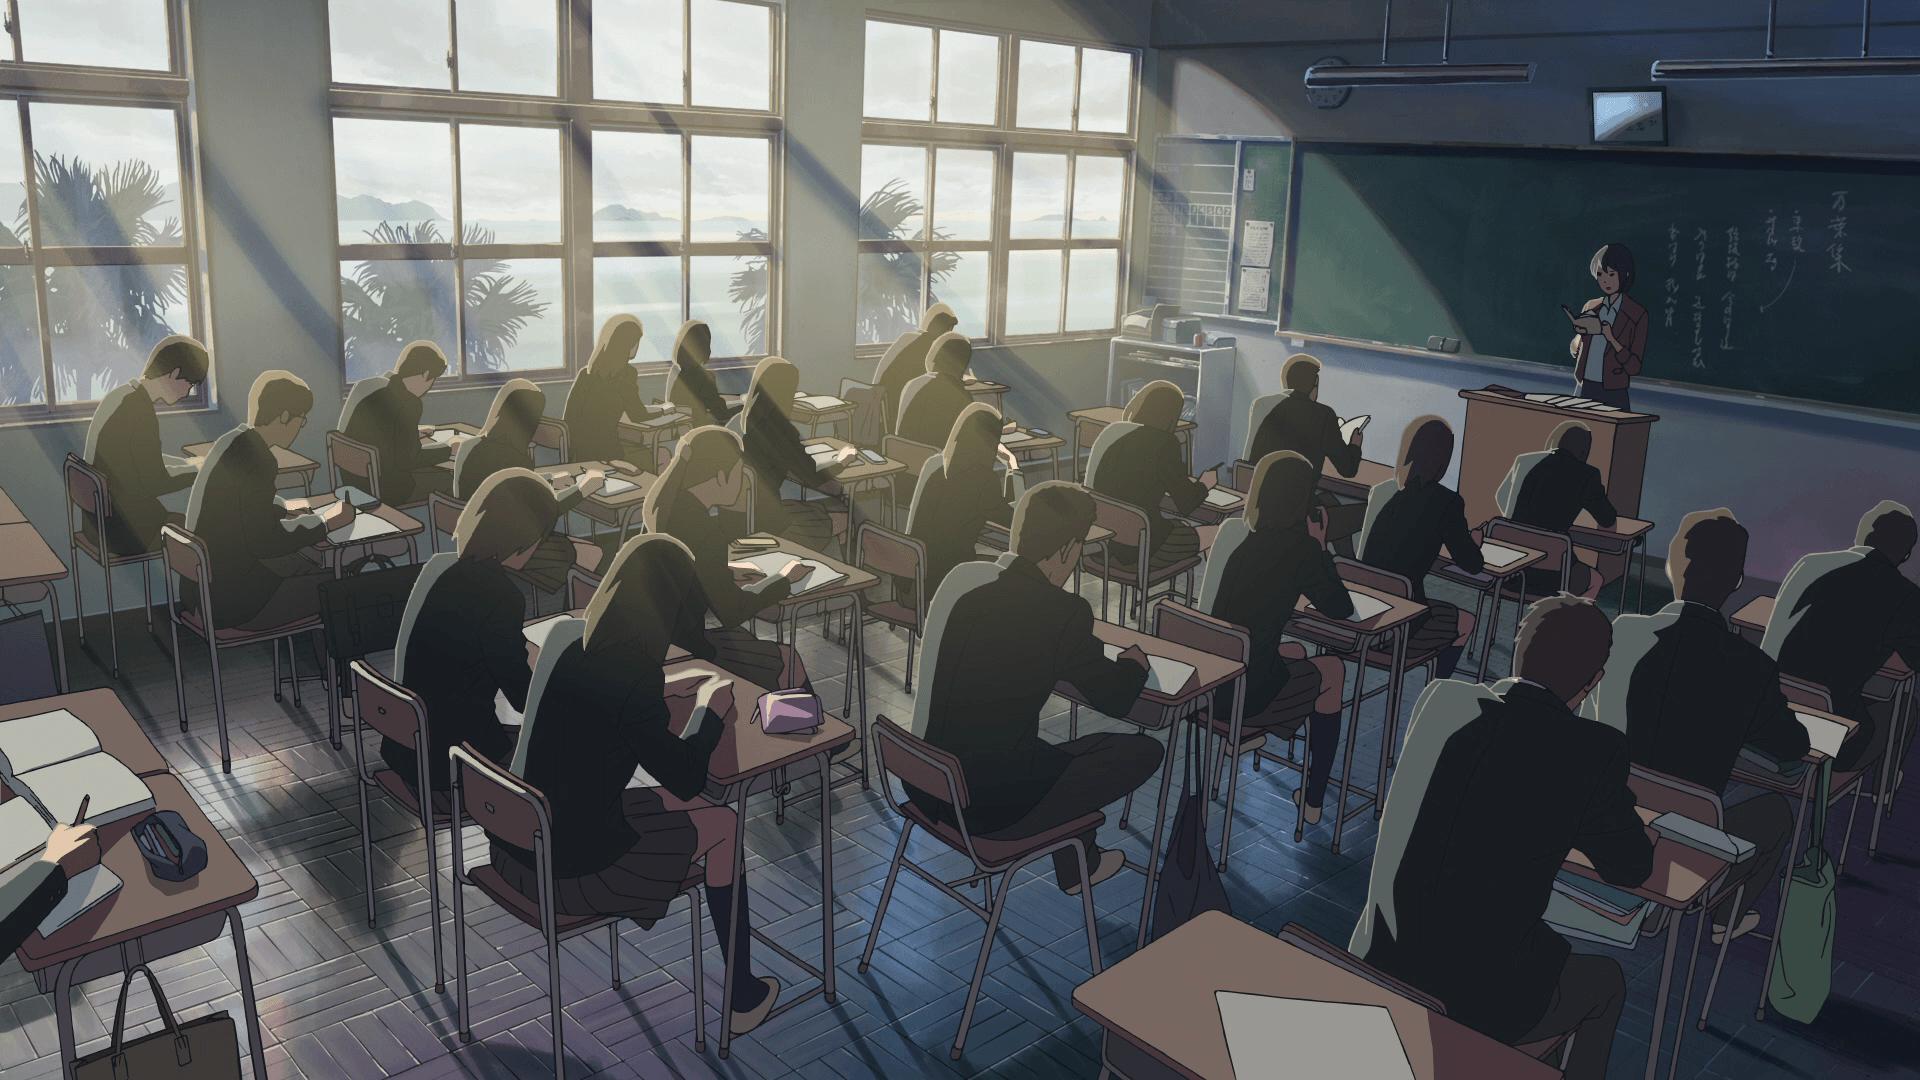 classroom hd wallpapers wallpaper cave